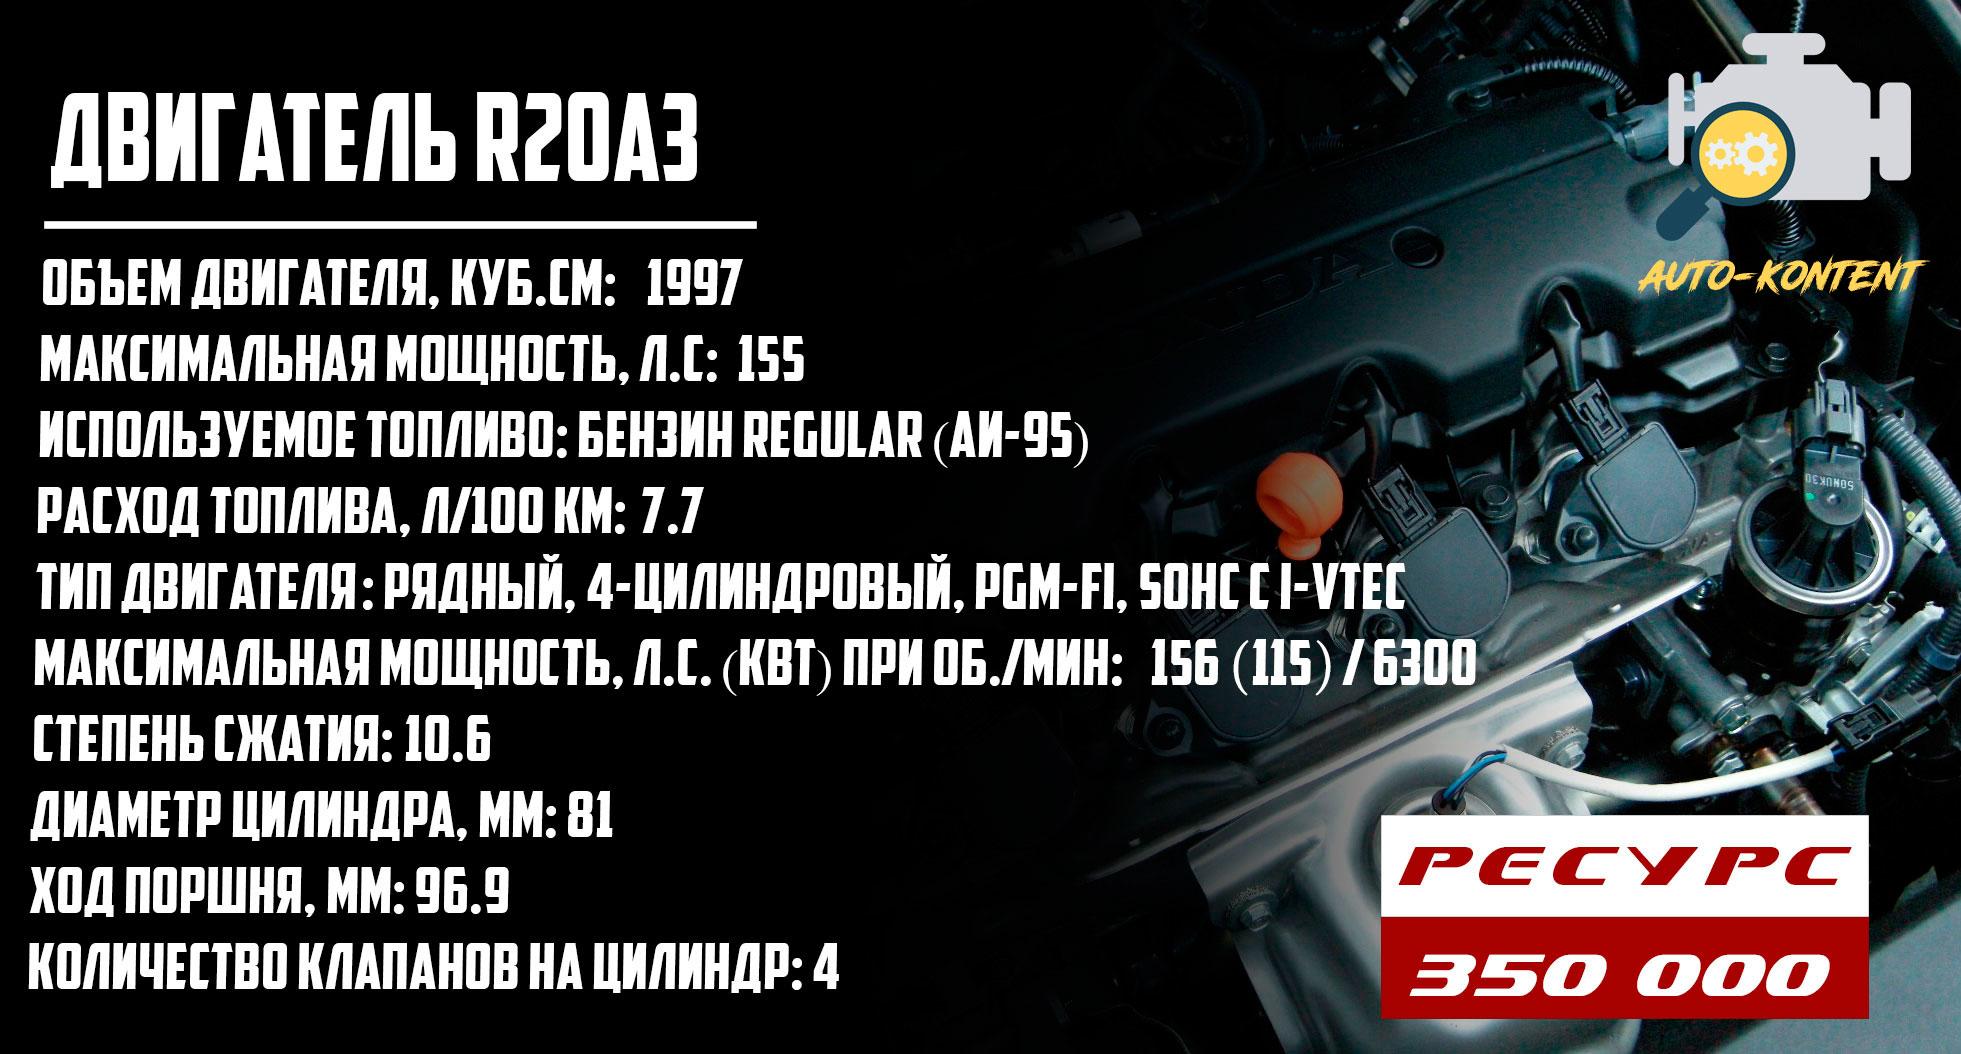 R20A3